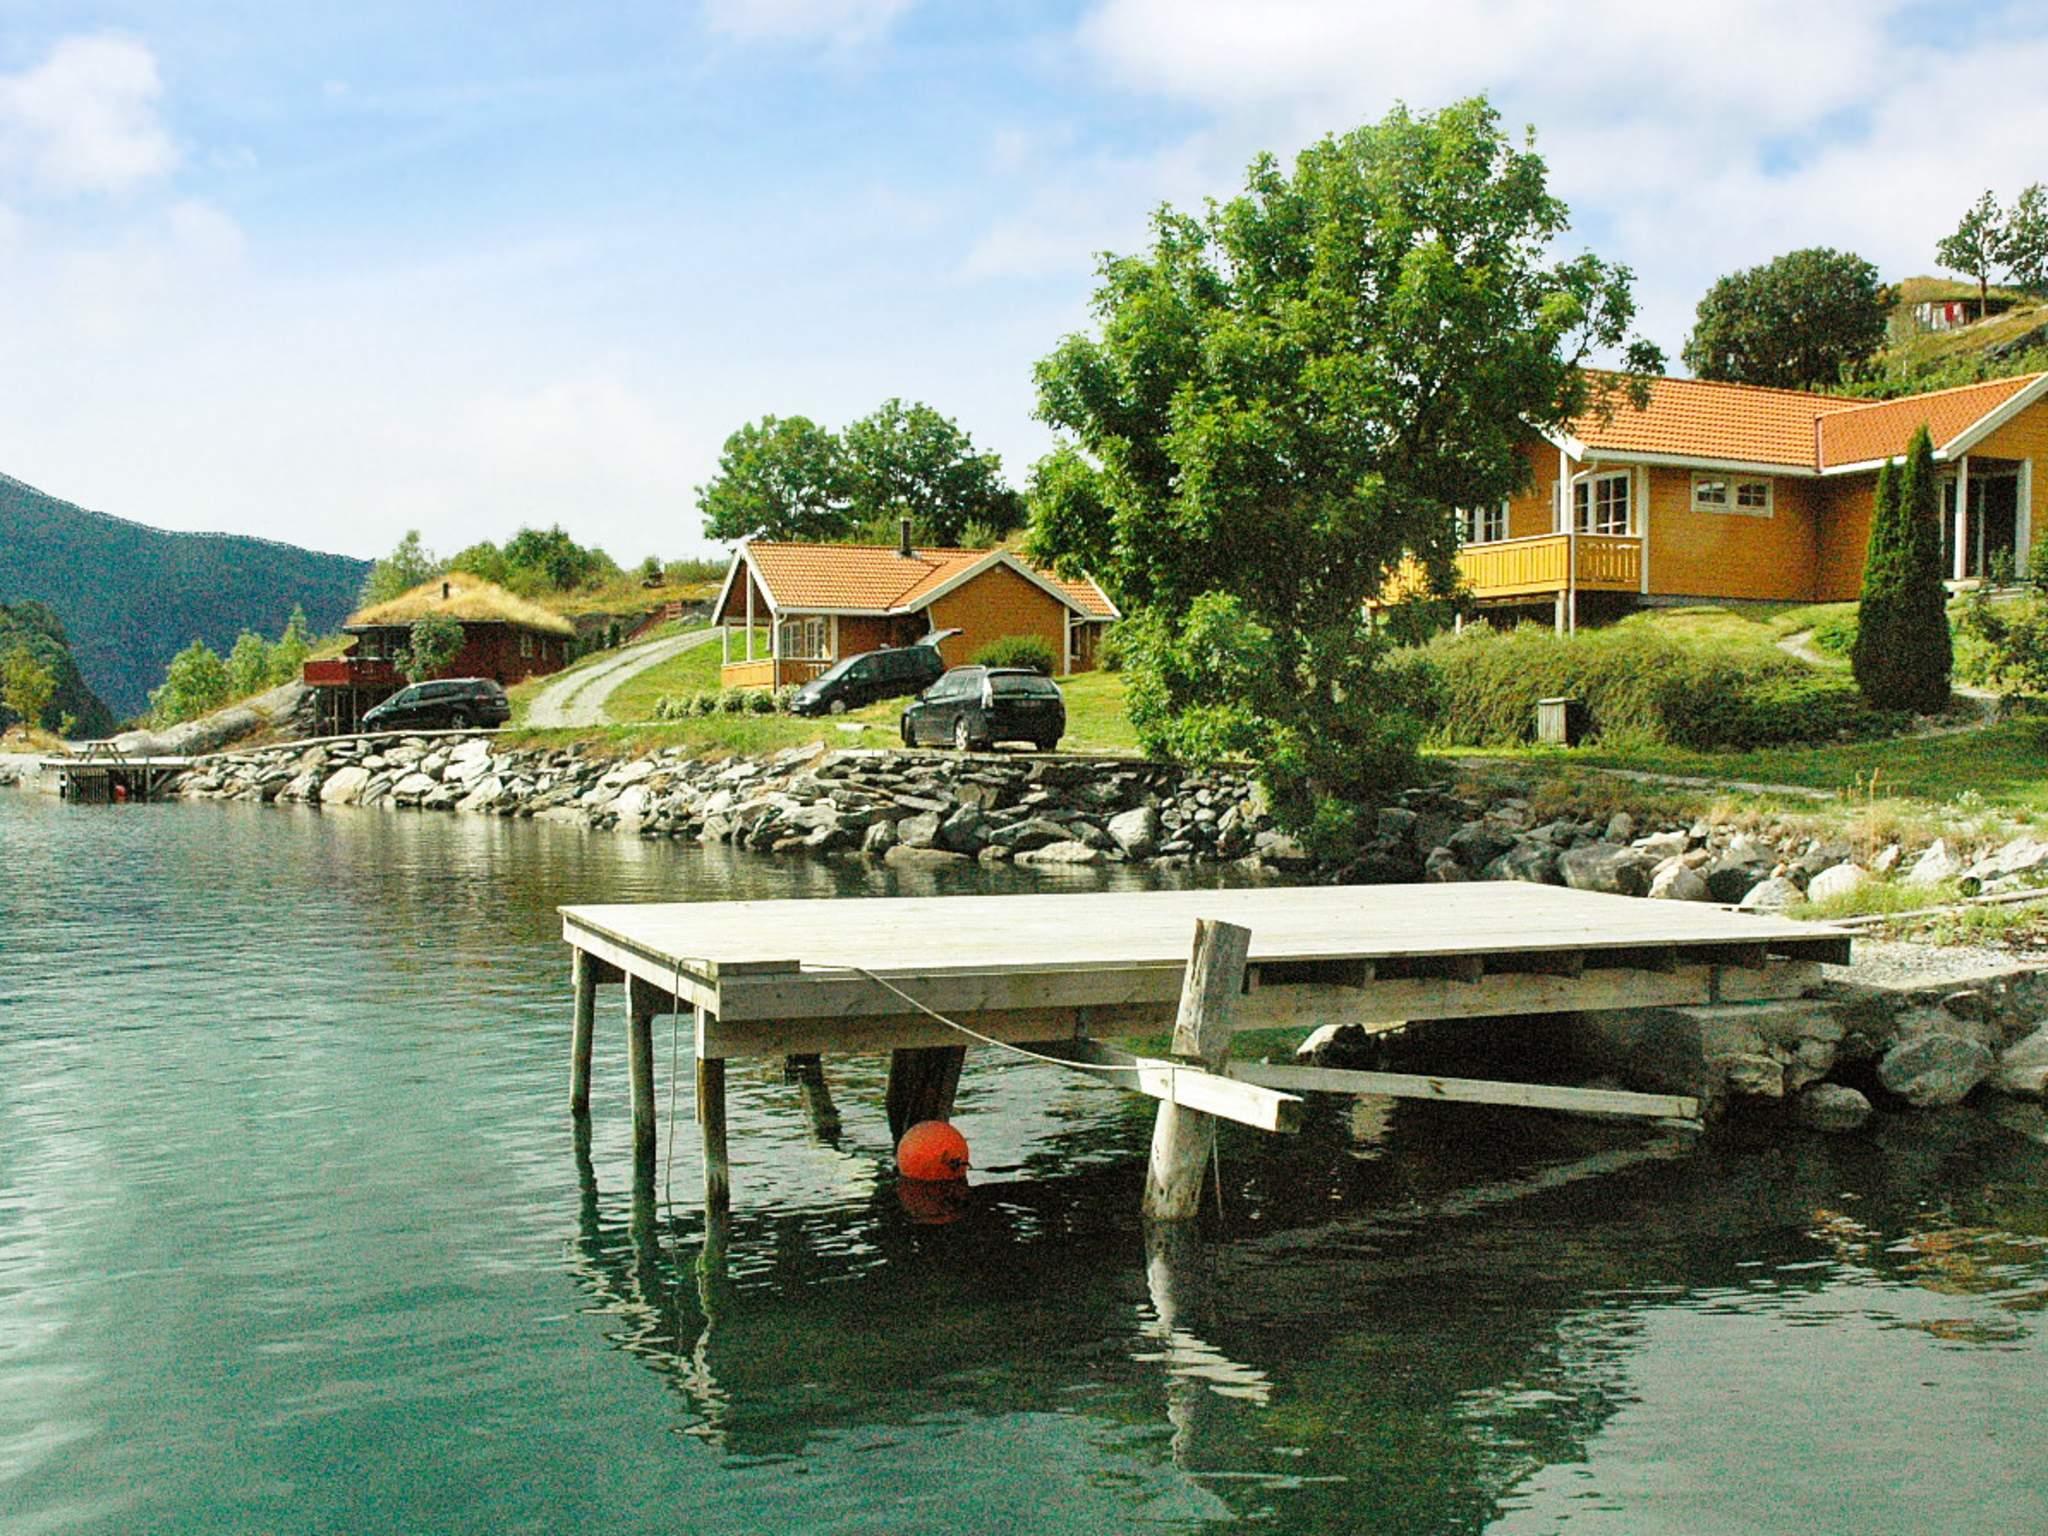 Ferienhaus Slinde (82397), Slinde, Sognefjord - Nordfjord, Westnorwegen, Norwegen, Bild 23